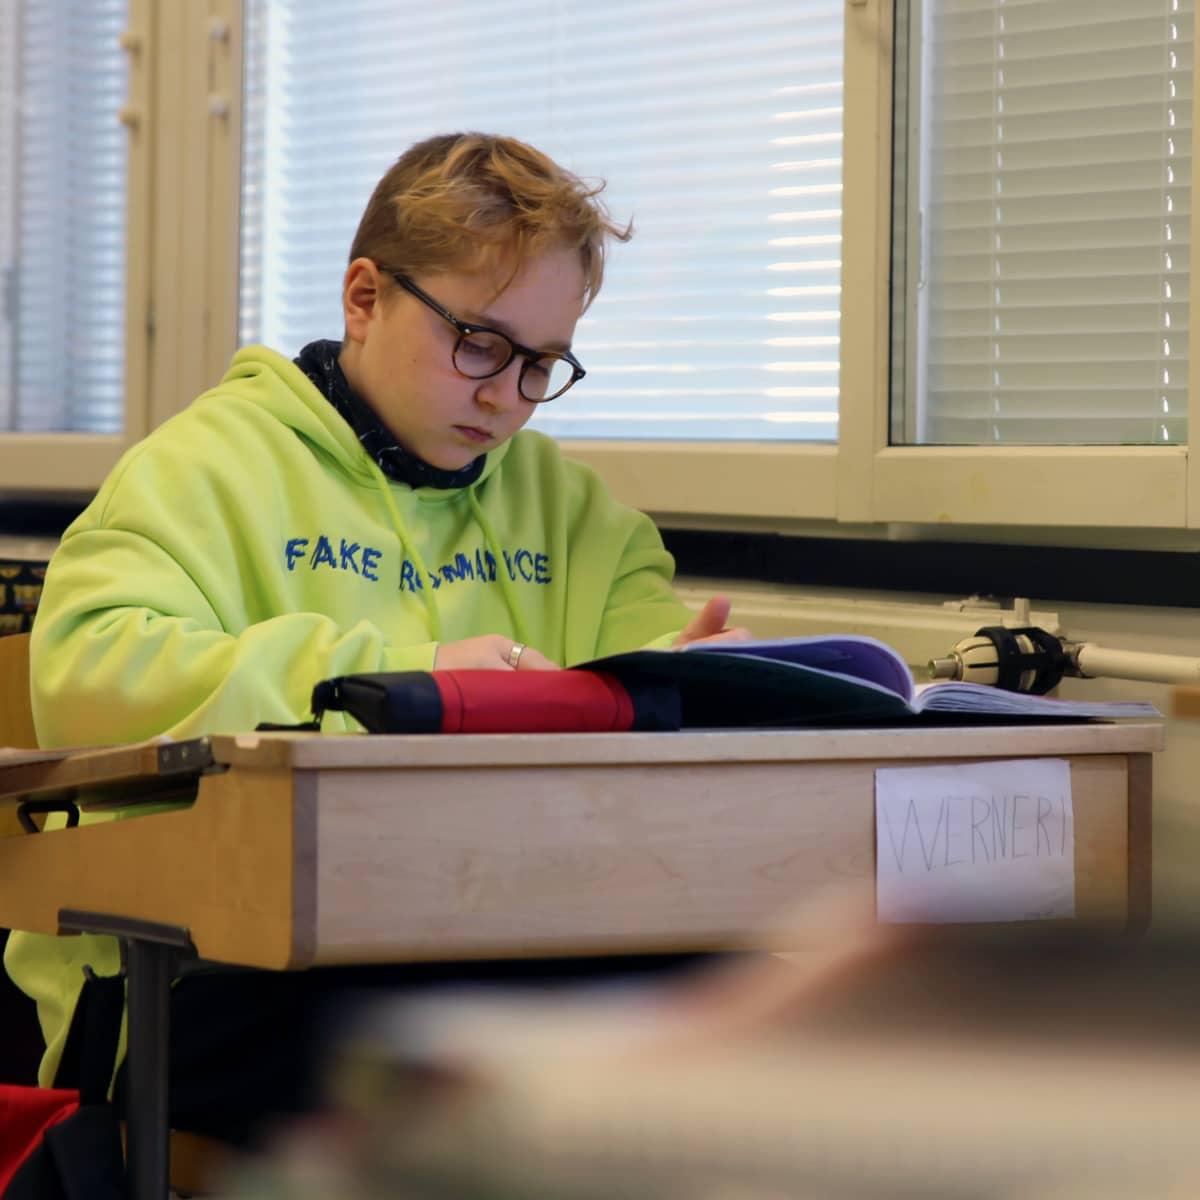 Silmälasipäinen Werneri Lappi istuu neonkeltainen huppari päällään pulpetissa ja tekee kirjasta tehtäviä. Pulpetin etuosassa on kyltti, jossa lukee Werneri.